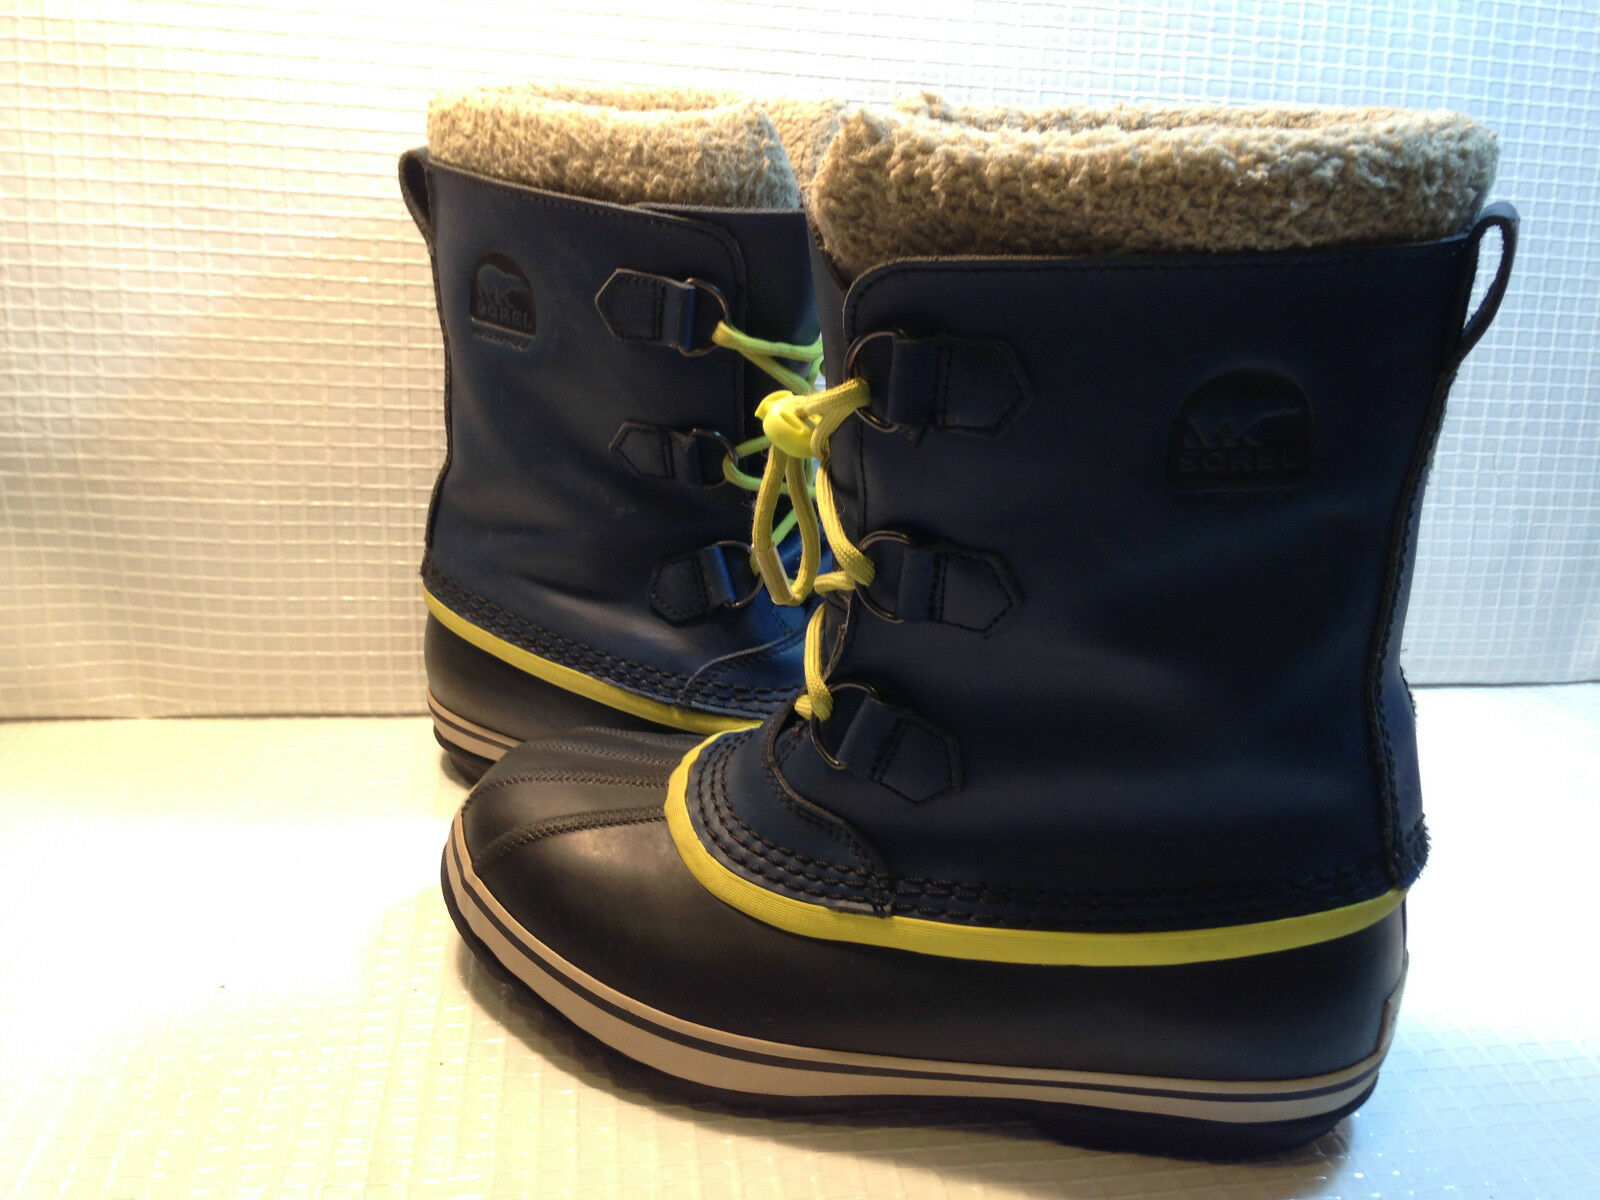 Sorel Y Stiefel NY1443-591 Winter Waterproof Stiefel Y Größe 7 USA. 87219d